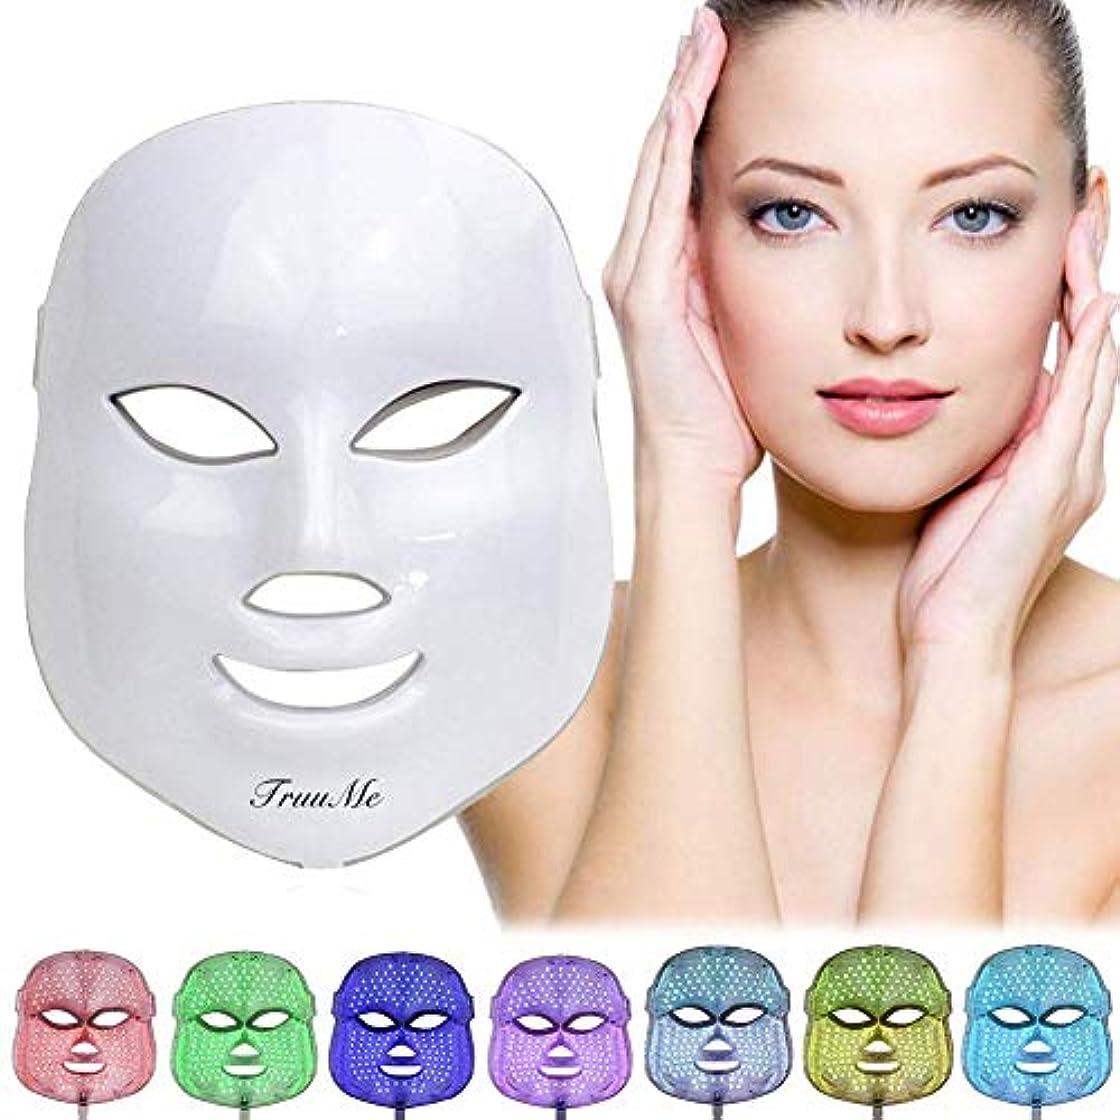 きょうだい留まるペネロペLEDフェイスマスク、ライトセラピーニキビマスク、LEDフェイシャルマスク、光線療法マスク、LEDエレクトリックフェイシャルマスク、7色光治療、ニキビ治療用マスク、斑点、にきび、皮膚のシミ